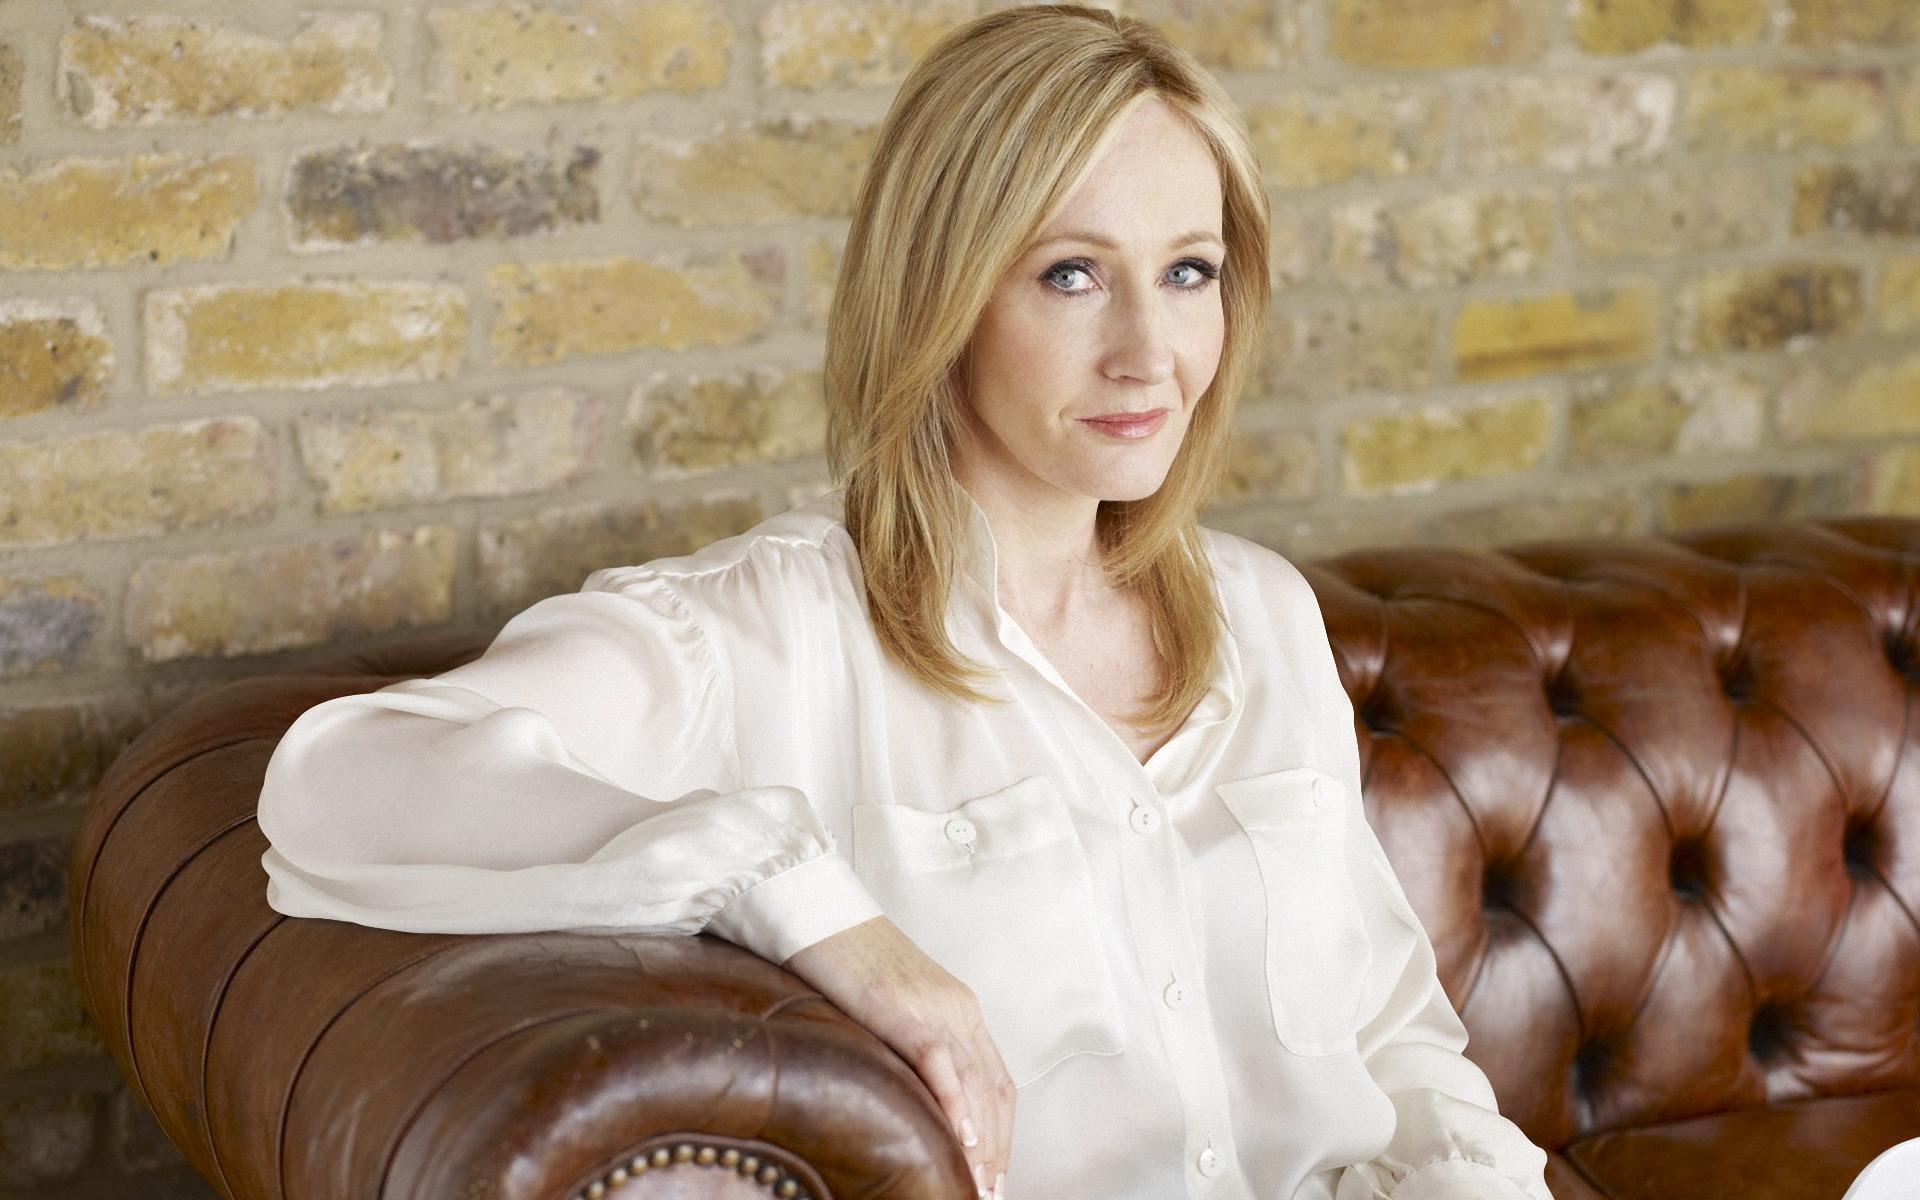 Novo livro de J.K. Rowling sob o pseudônimo Robert Galbraith tem 2 capítulos divulgados!